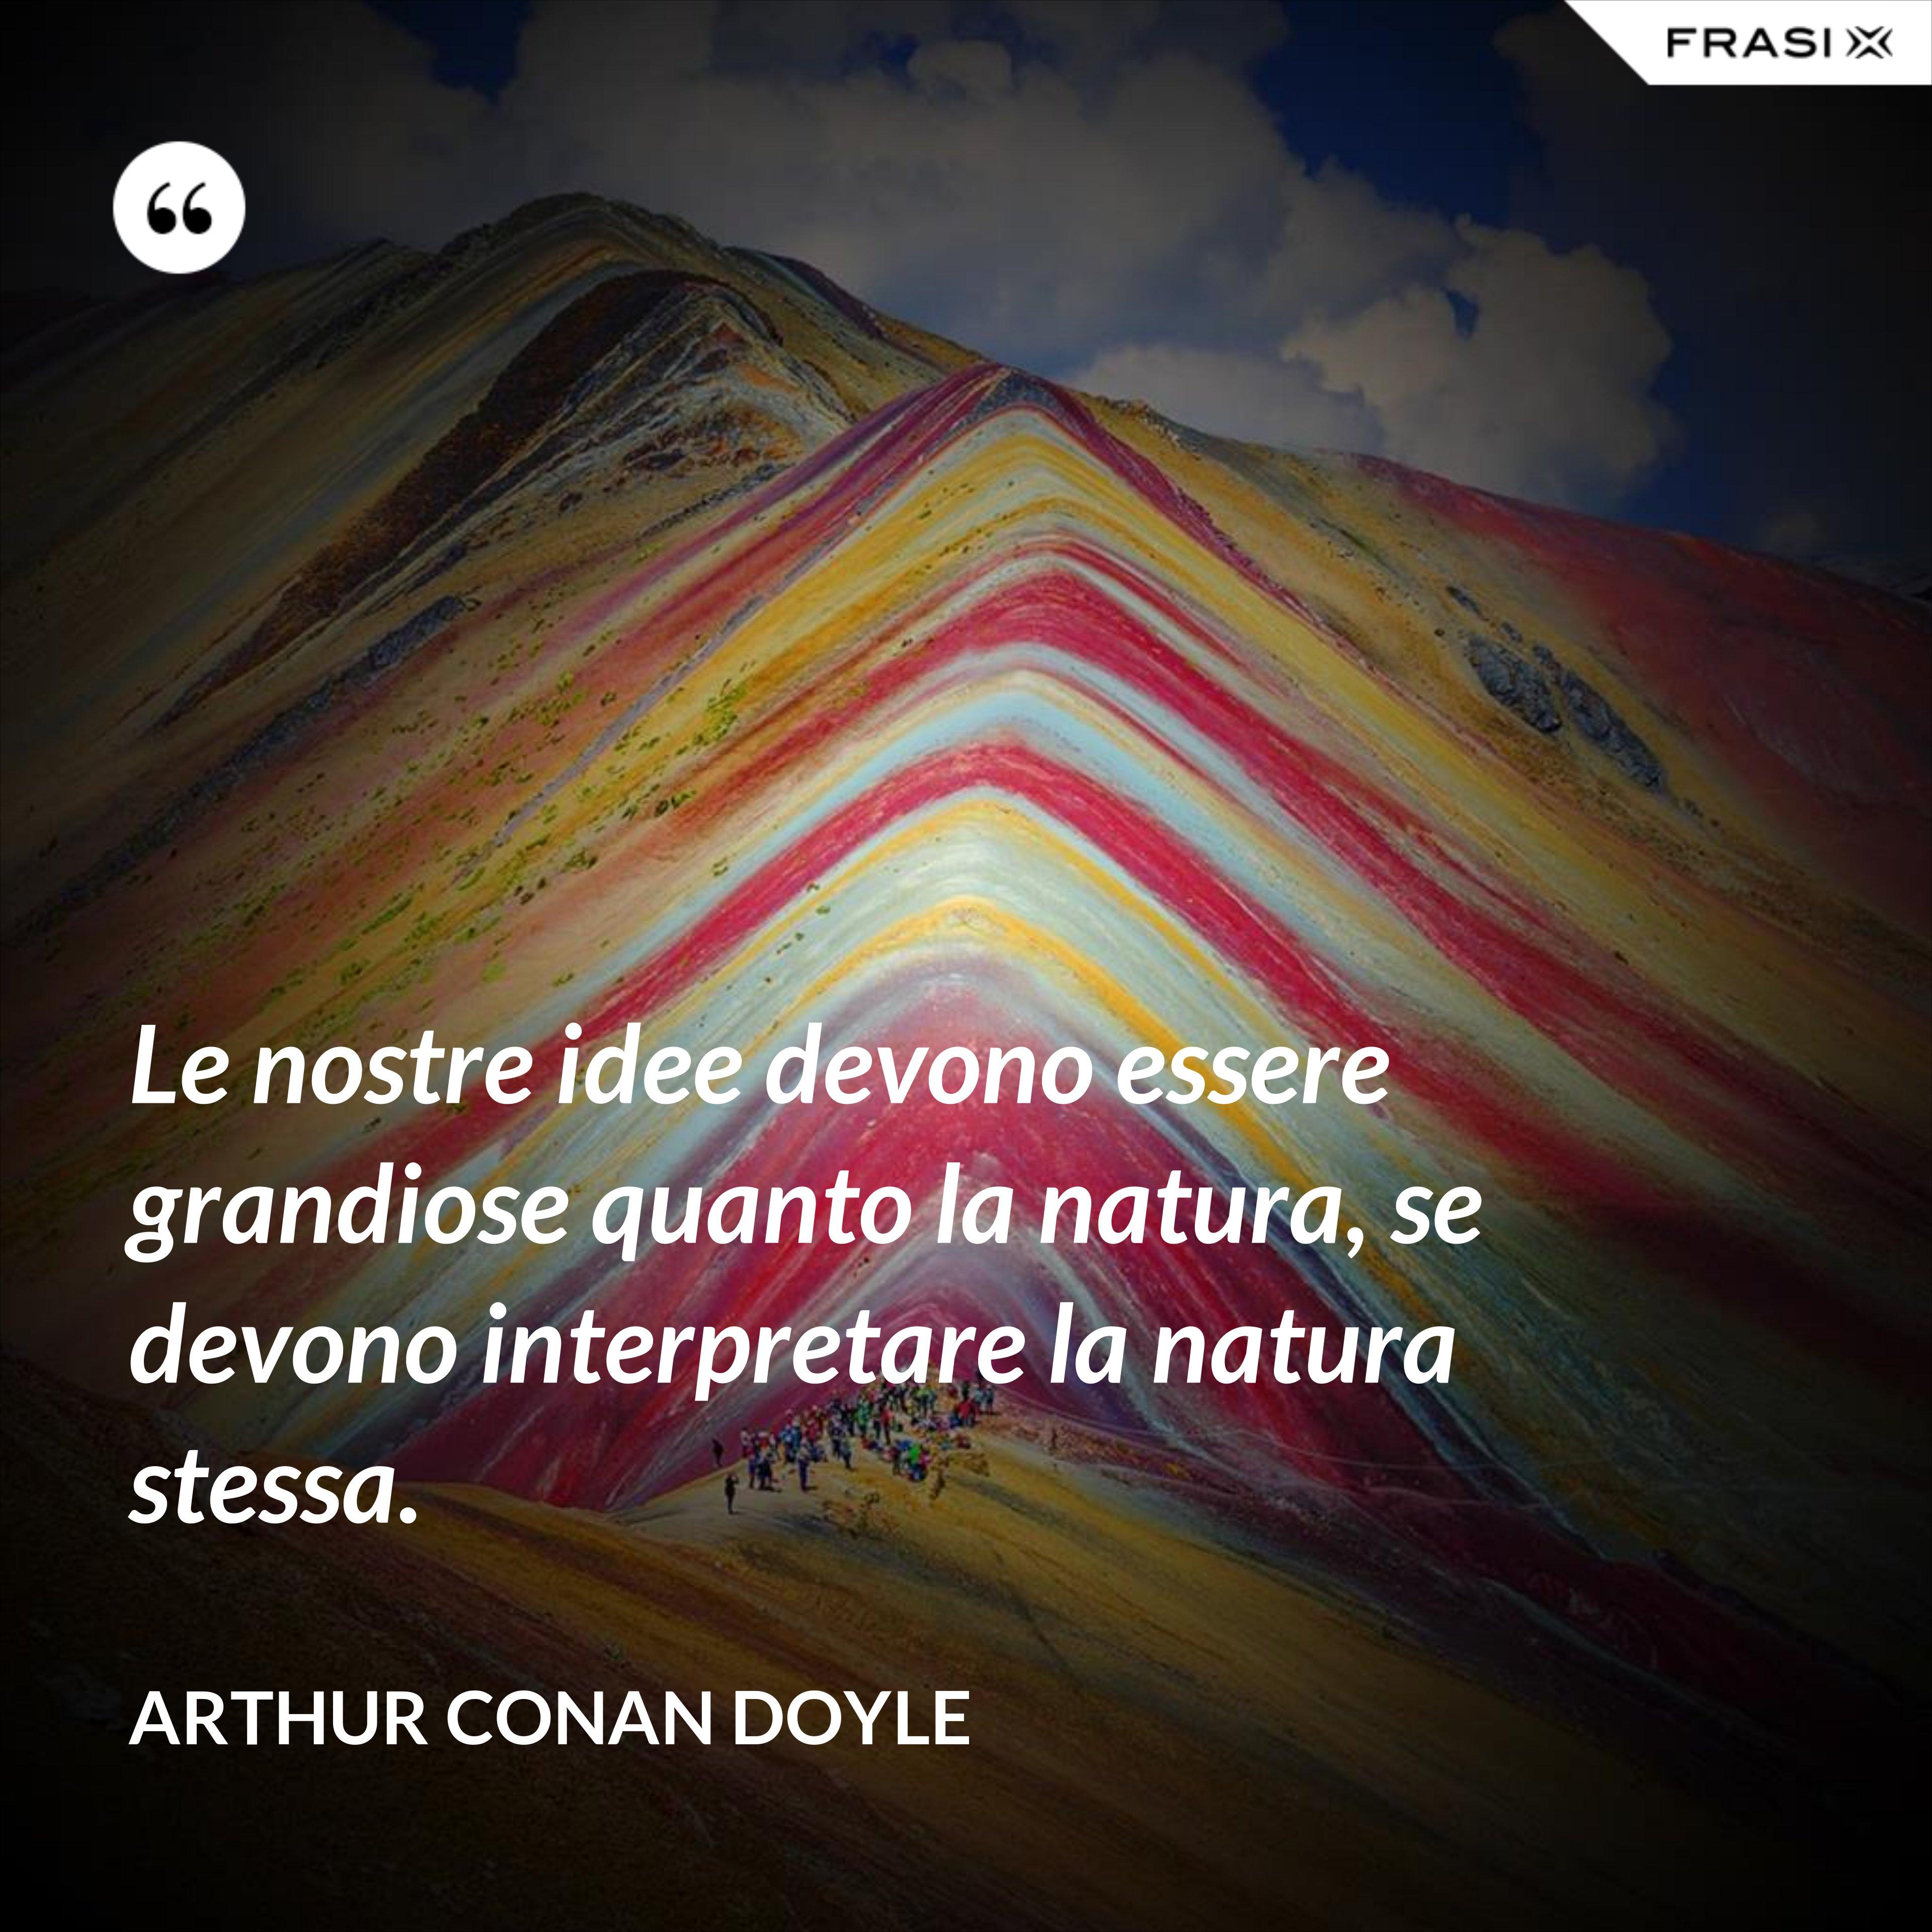 Le nostre idee devono essere grandiose quanto la natura, se devono interpretare la natura stessa. - Arthur Conan Doyle